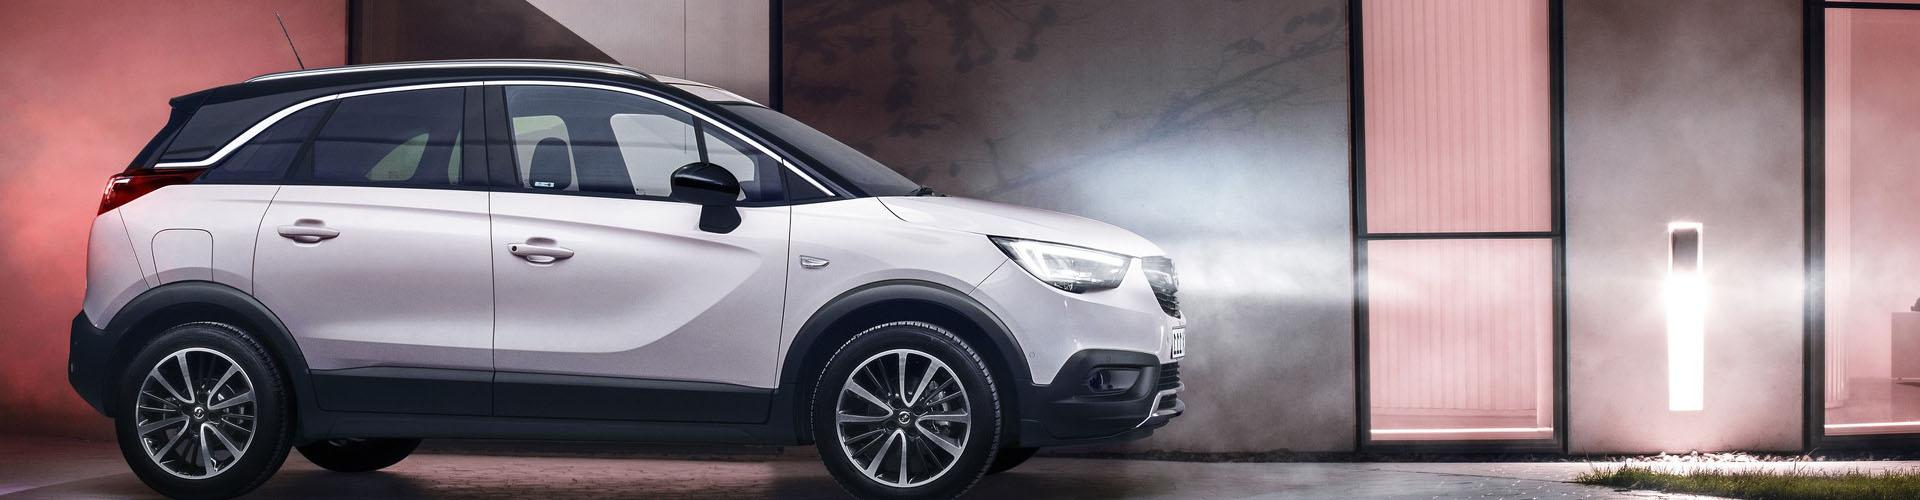 2021 Opel Crossland X Modelleri ve Fiyatları - Opel ...